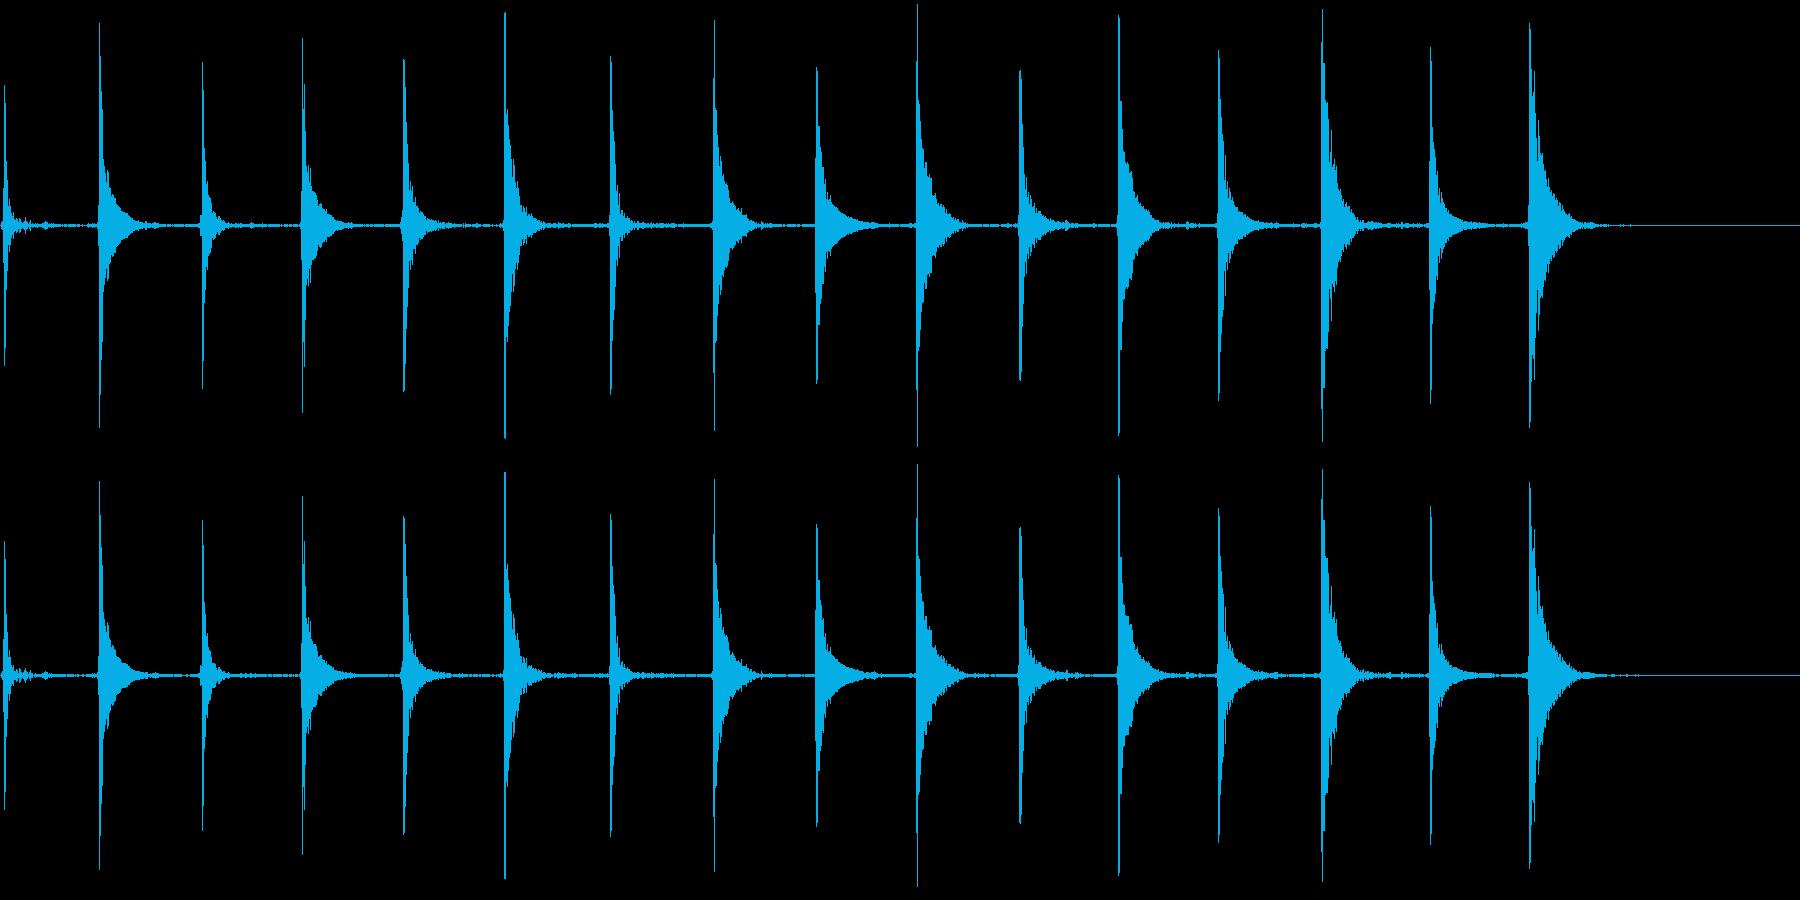 エレクトリックベース:クロックティ...の再生済みの波形